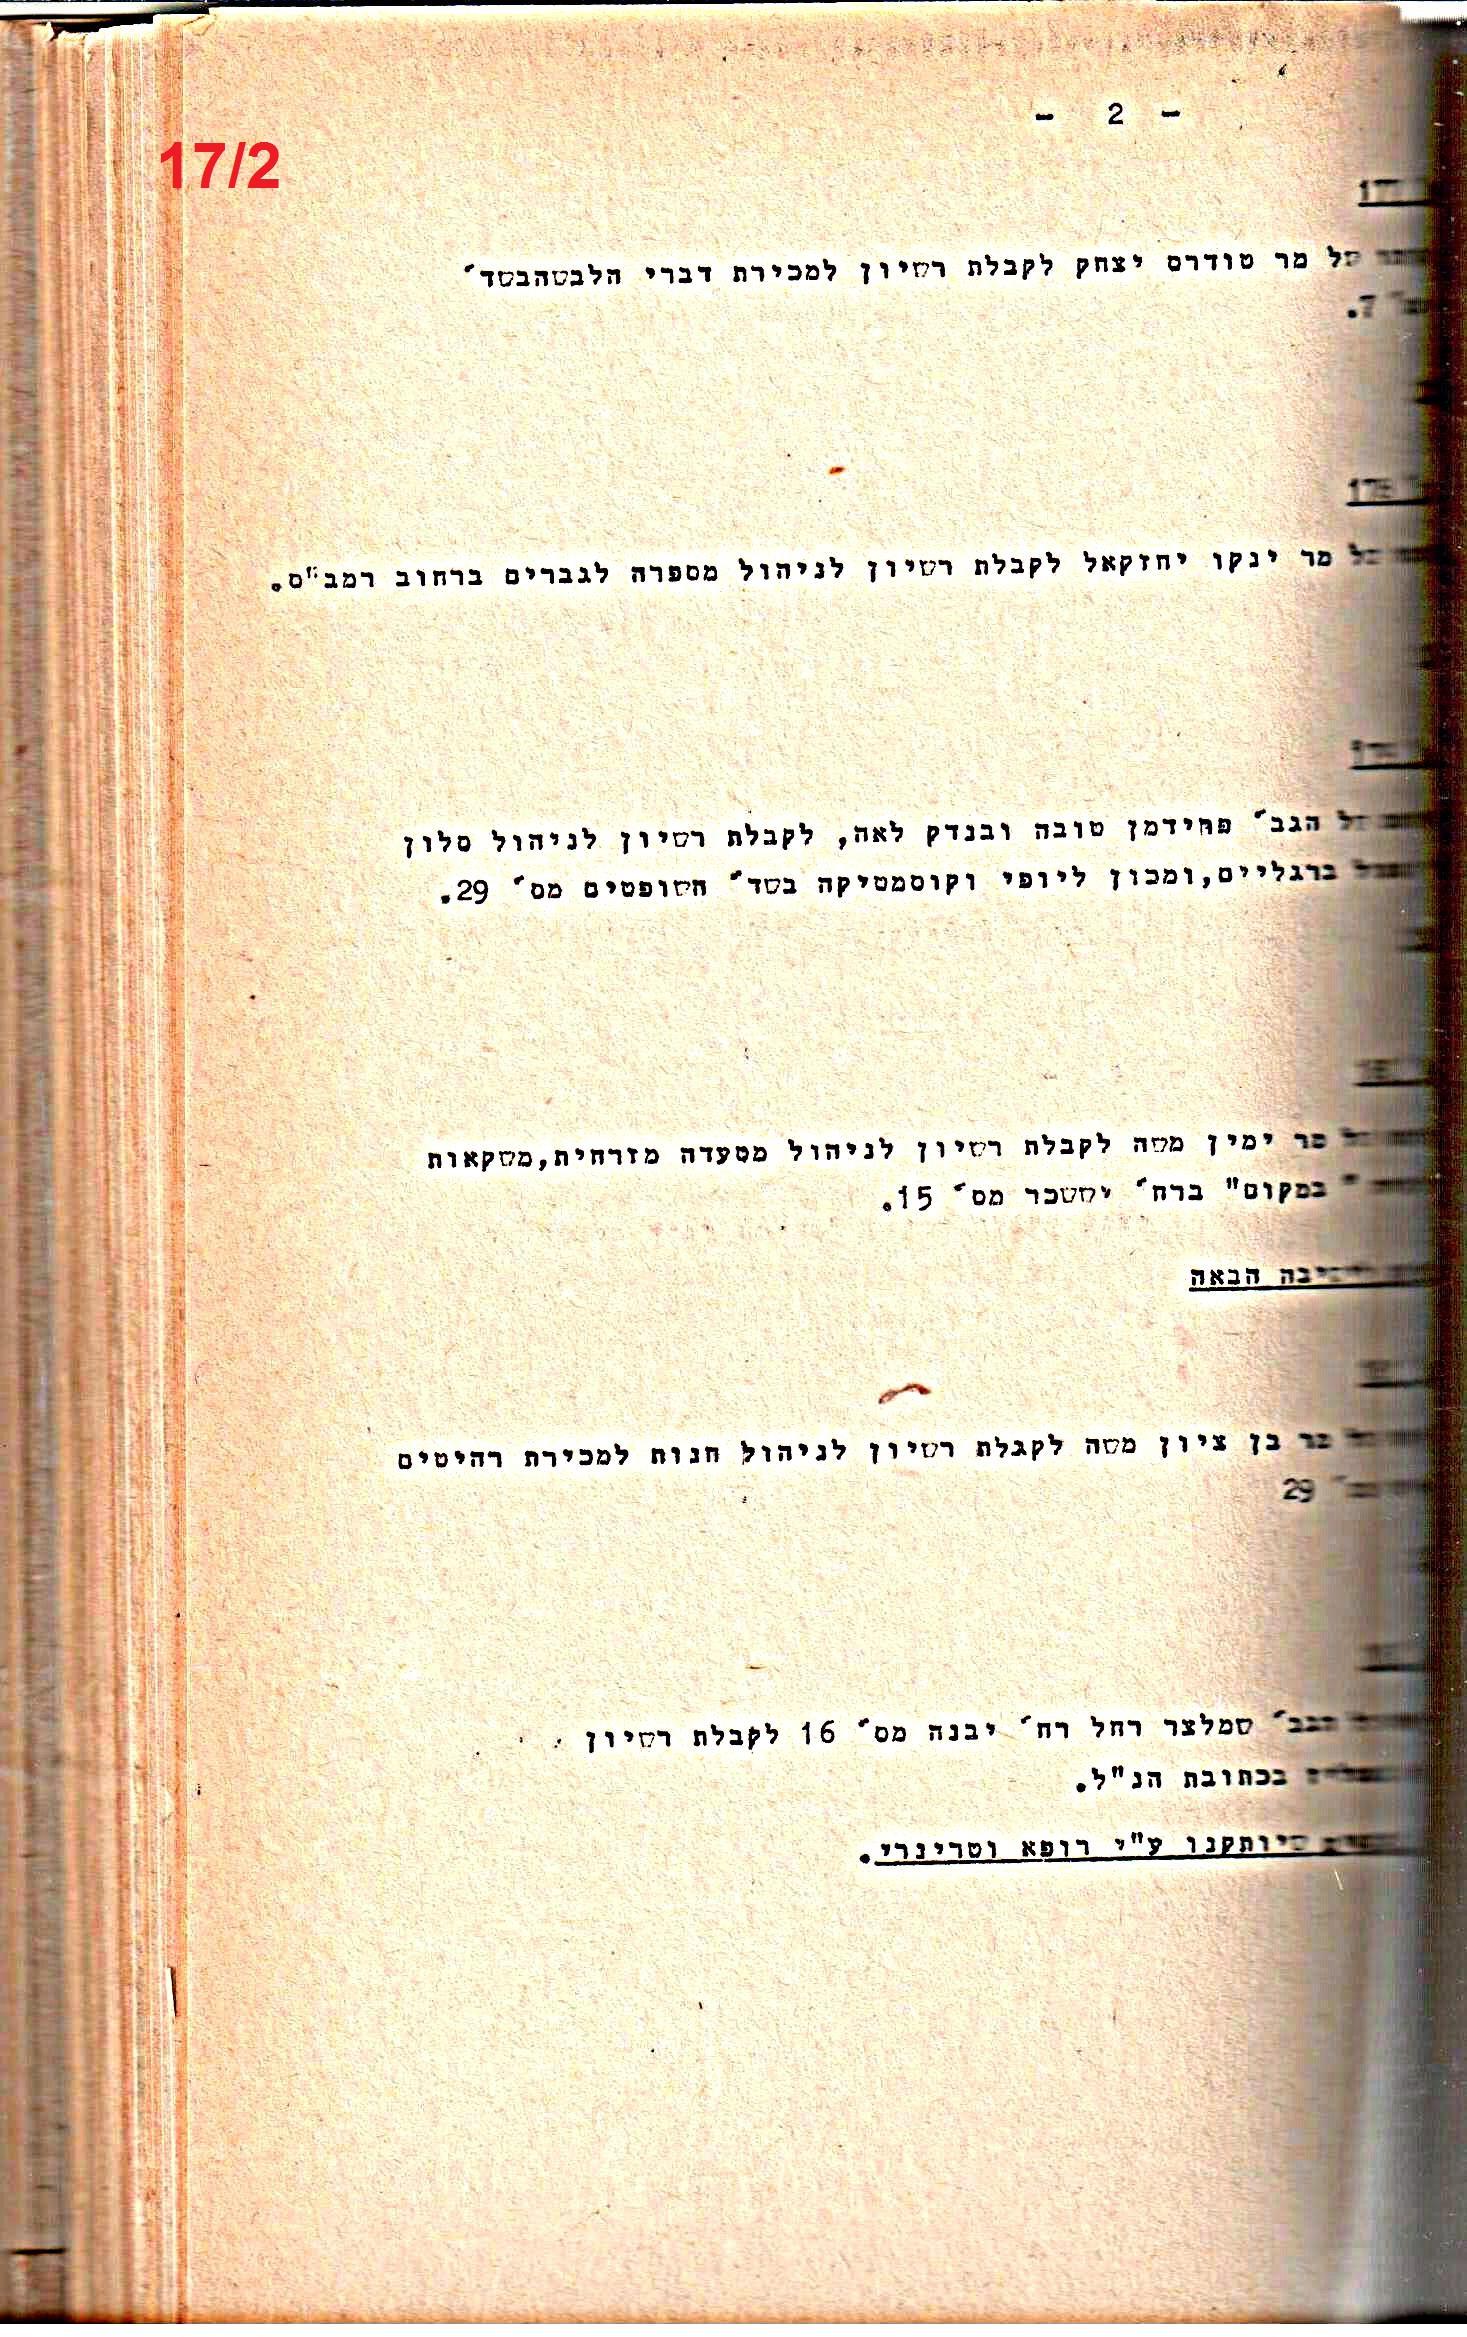 פרוטוקולים 19 – ועדות – 19.2.73 – 12.1.70 by riki deri - Illustrated by  מוזיאון בית גרושקביץ / כרך 19 - Ourboox.com